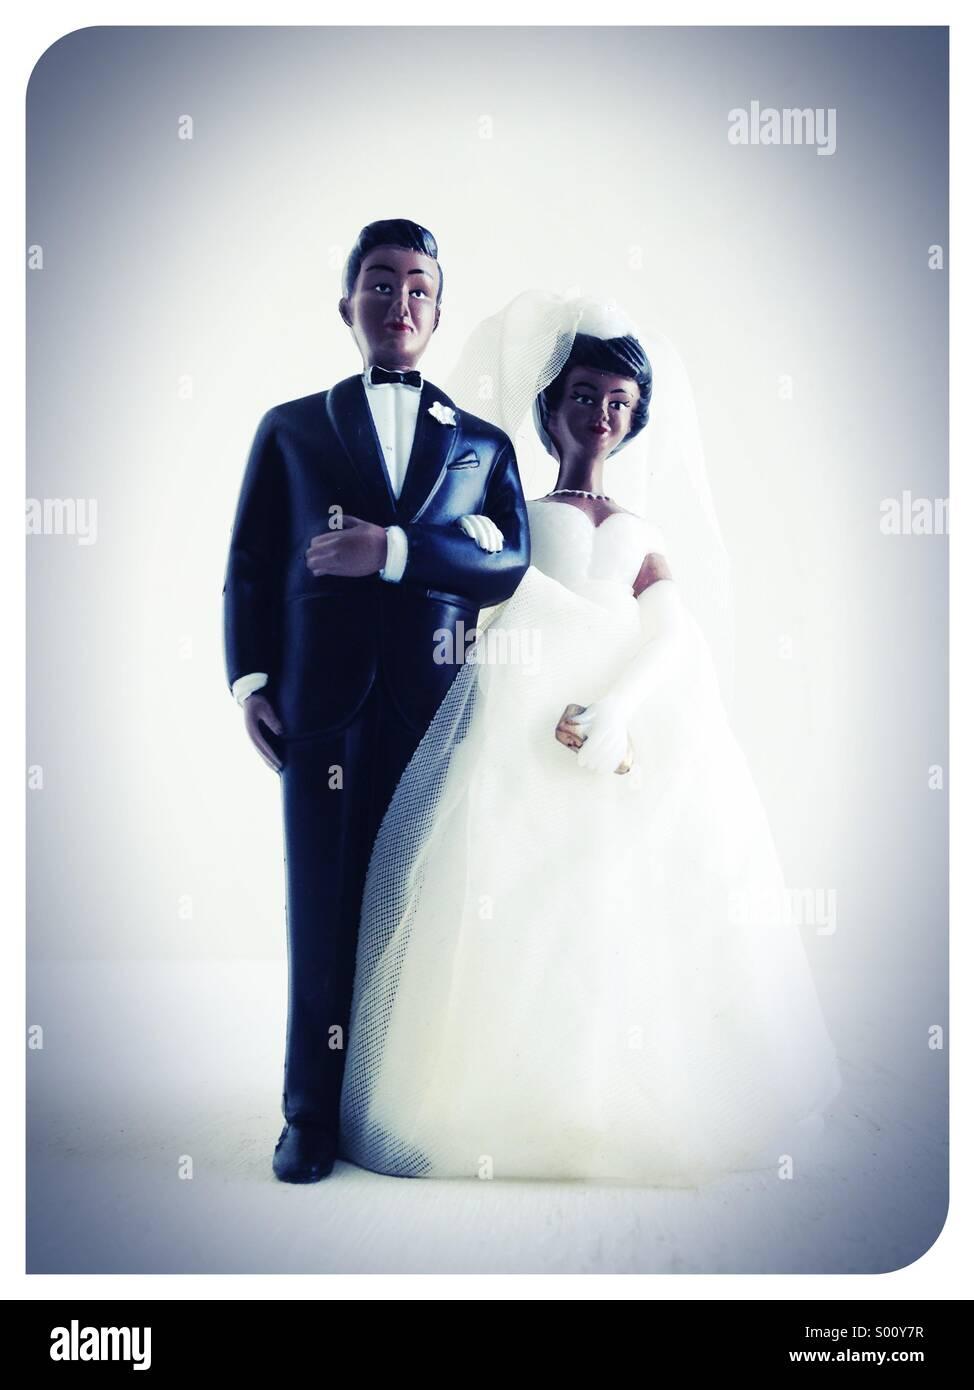 Un matrimonio cake topper di un nero coppia eterosessuale. Immagini Stock